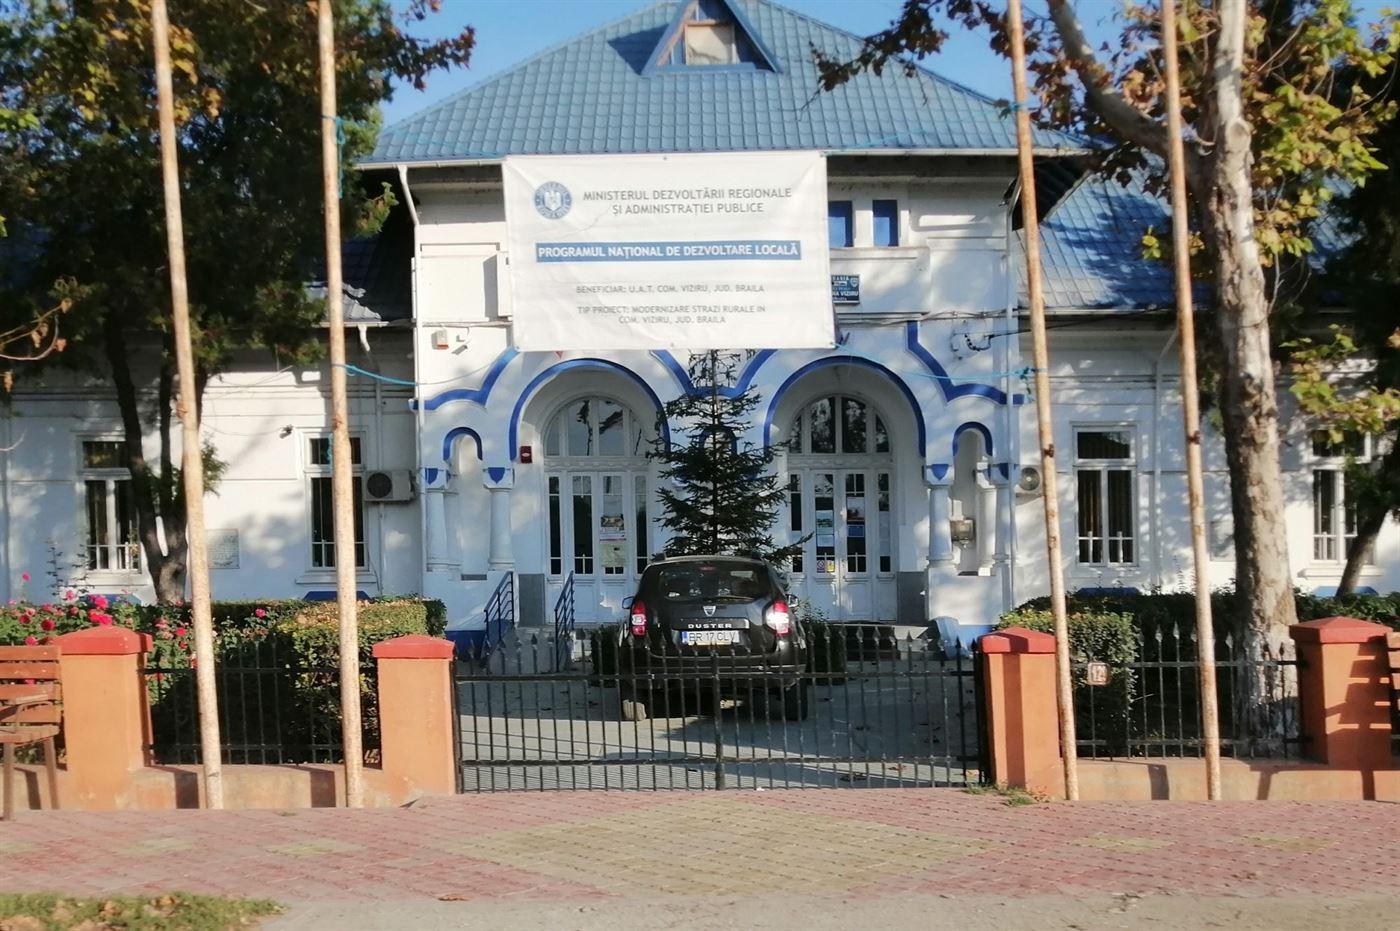 Cu 5 consilieri din 15 aleși, în comuna Viziru PSD și-a impus viceprimarul